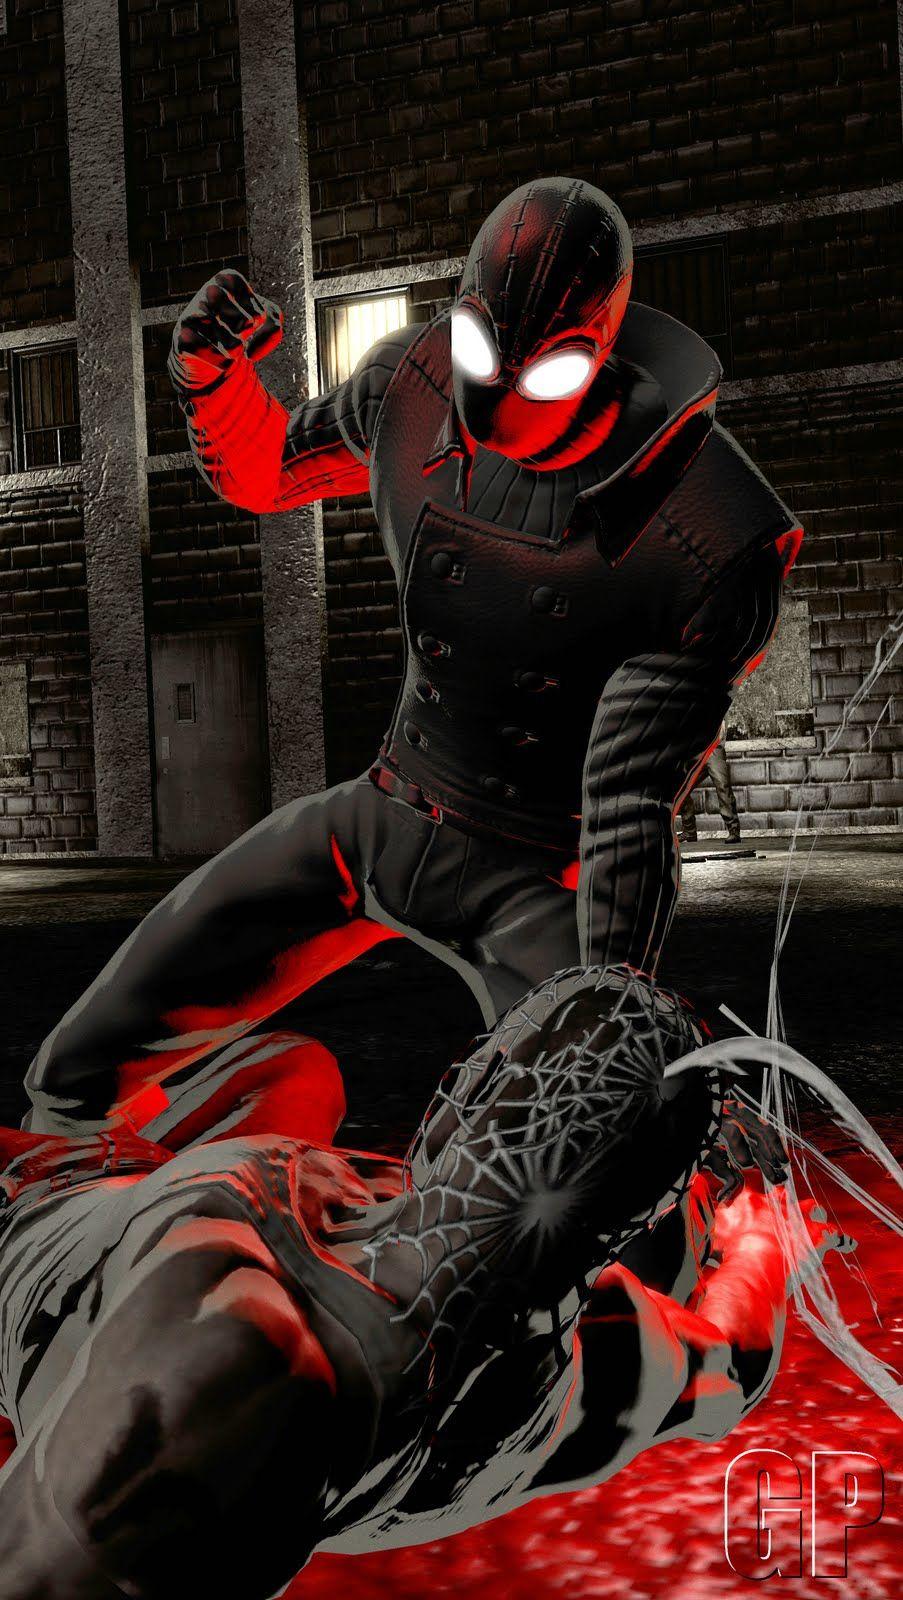 spider-man noir sneaks into death battle!trident346 on deviantart